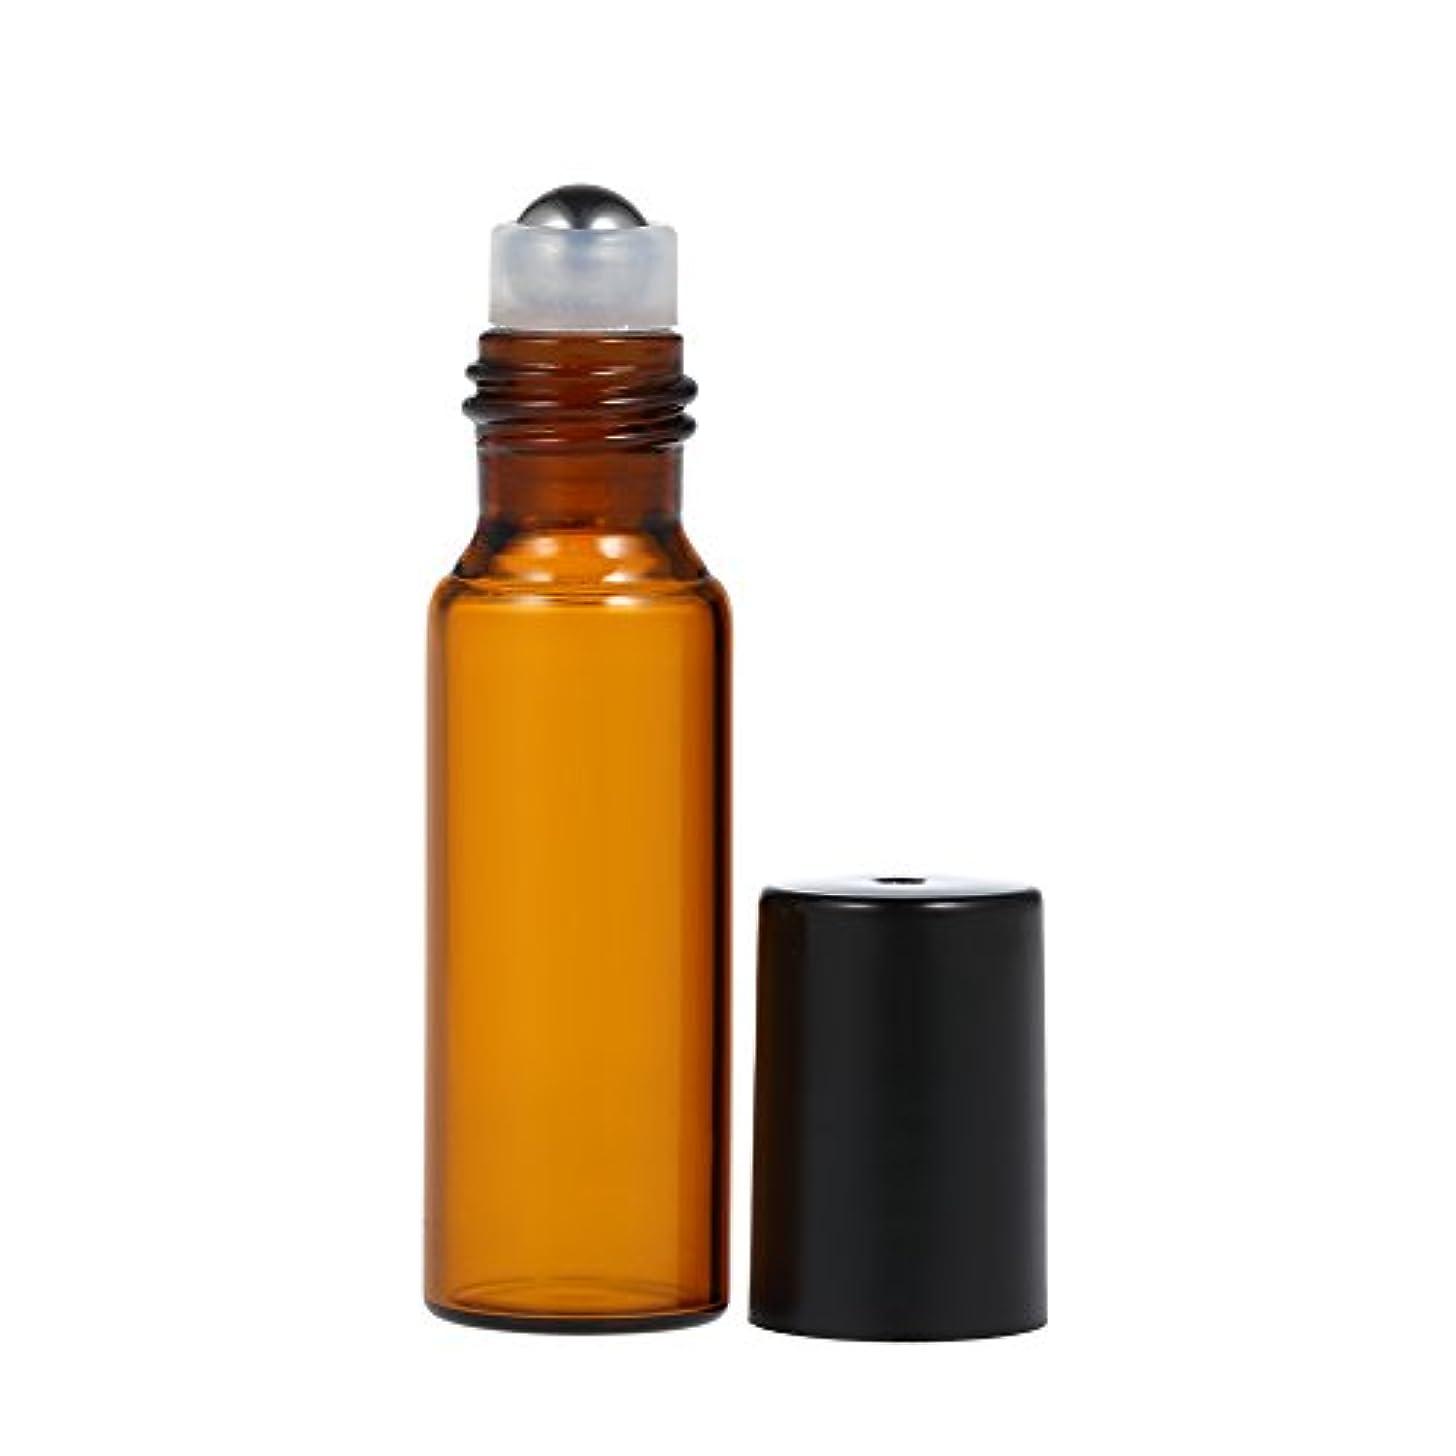 リースタール涙が出るDecdeal エッセンシャルオイルボトル アンバー ガラスボトル エッセンシャルオイルジャー 10個10ml